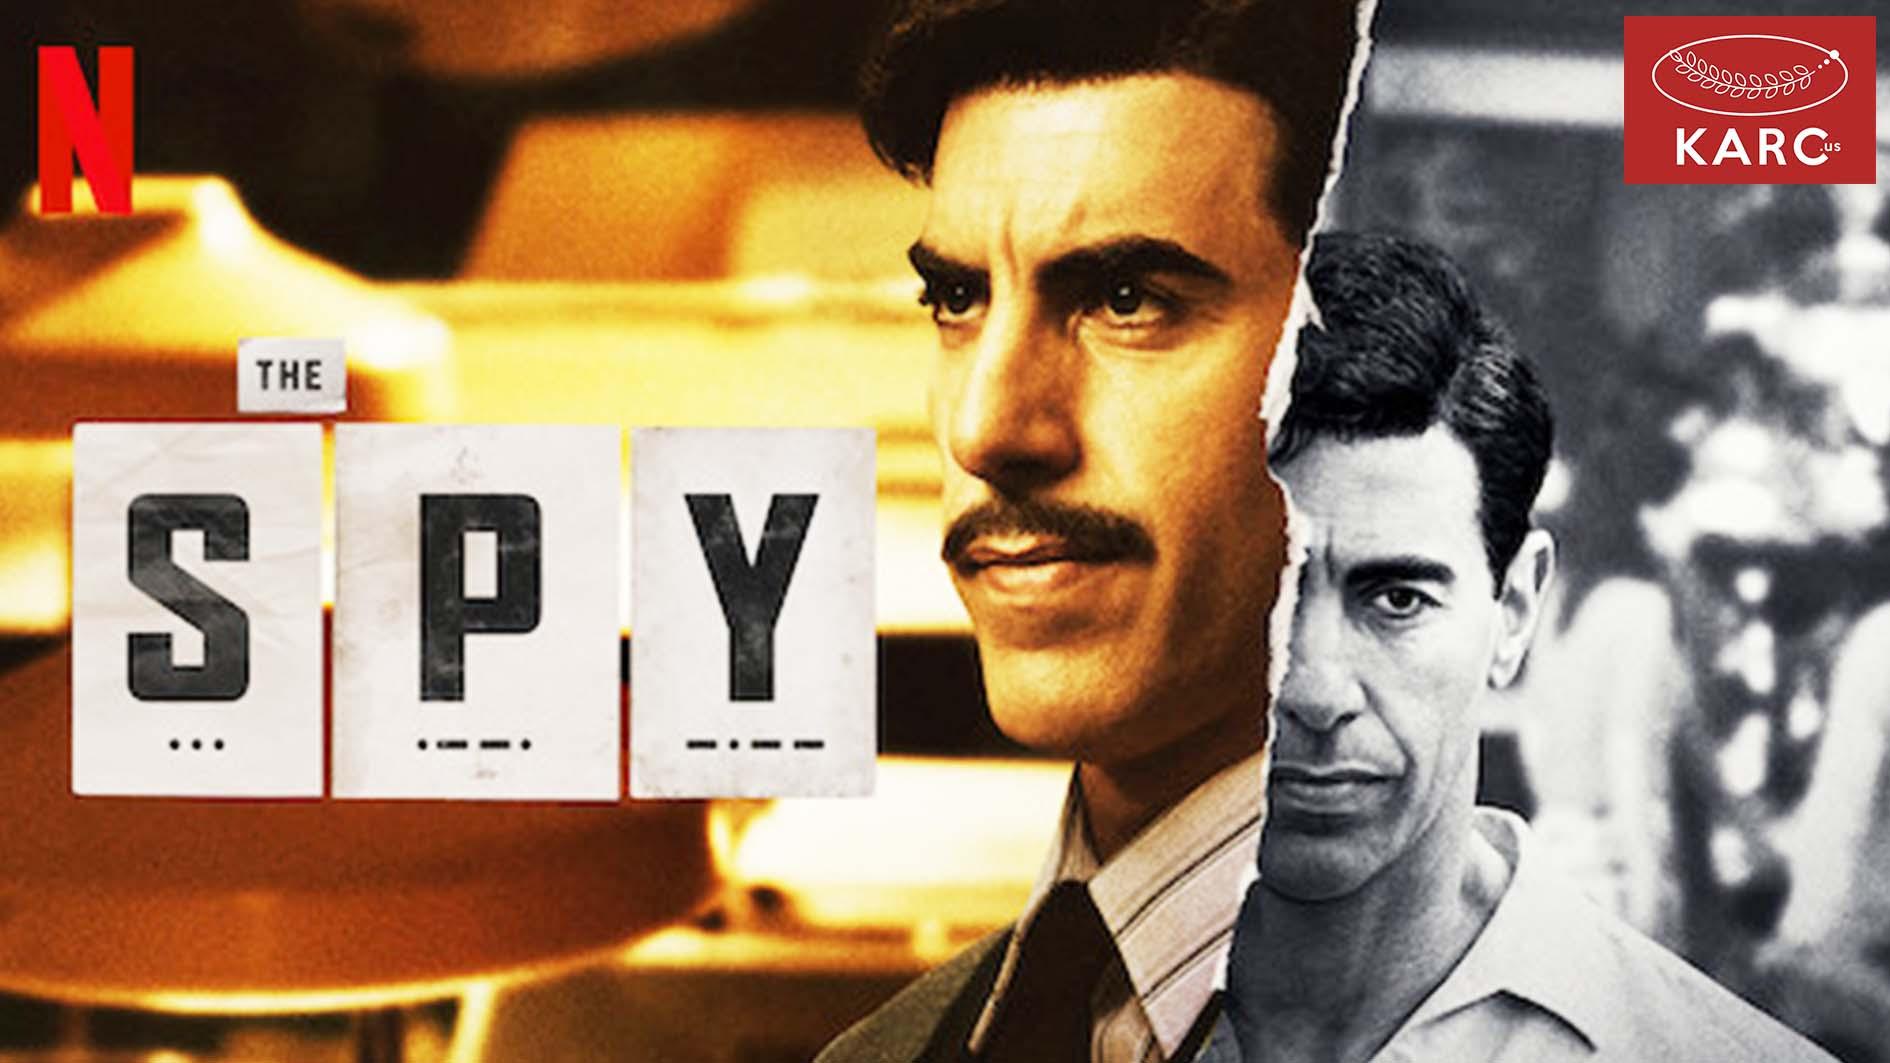 แนะนำซี่รี่ย์ใน Netflix The Spy โคตรป่วน karc.us , วงการภาพยนต์ , แนะนำหนังดี , แนะนำหนังน่าดูหนังน่าดู , รีวิวหนังใหม่ , ก่อนตายต้องได้ดู! , ข่าวดารา , ข่าวเด่นประเด็นร้อน , รีวิวหนังใหม่ , หนังดังในอดีต